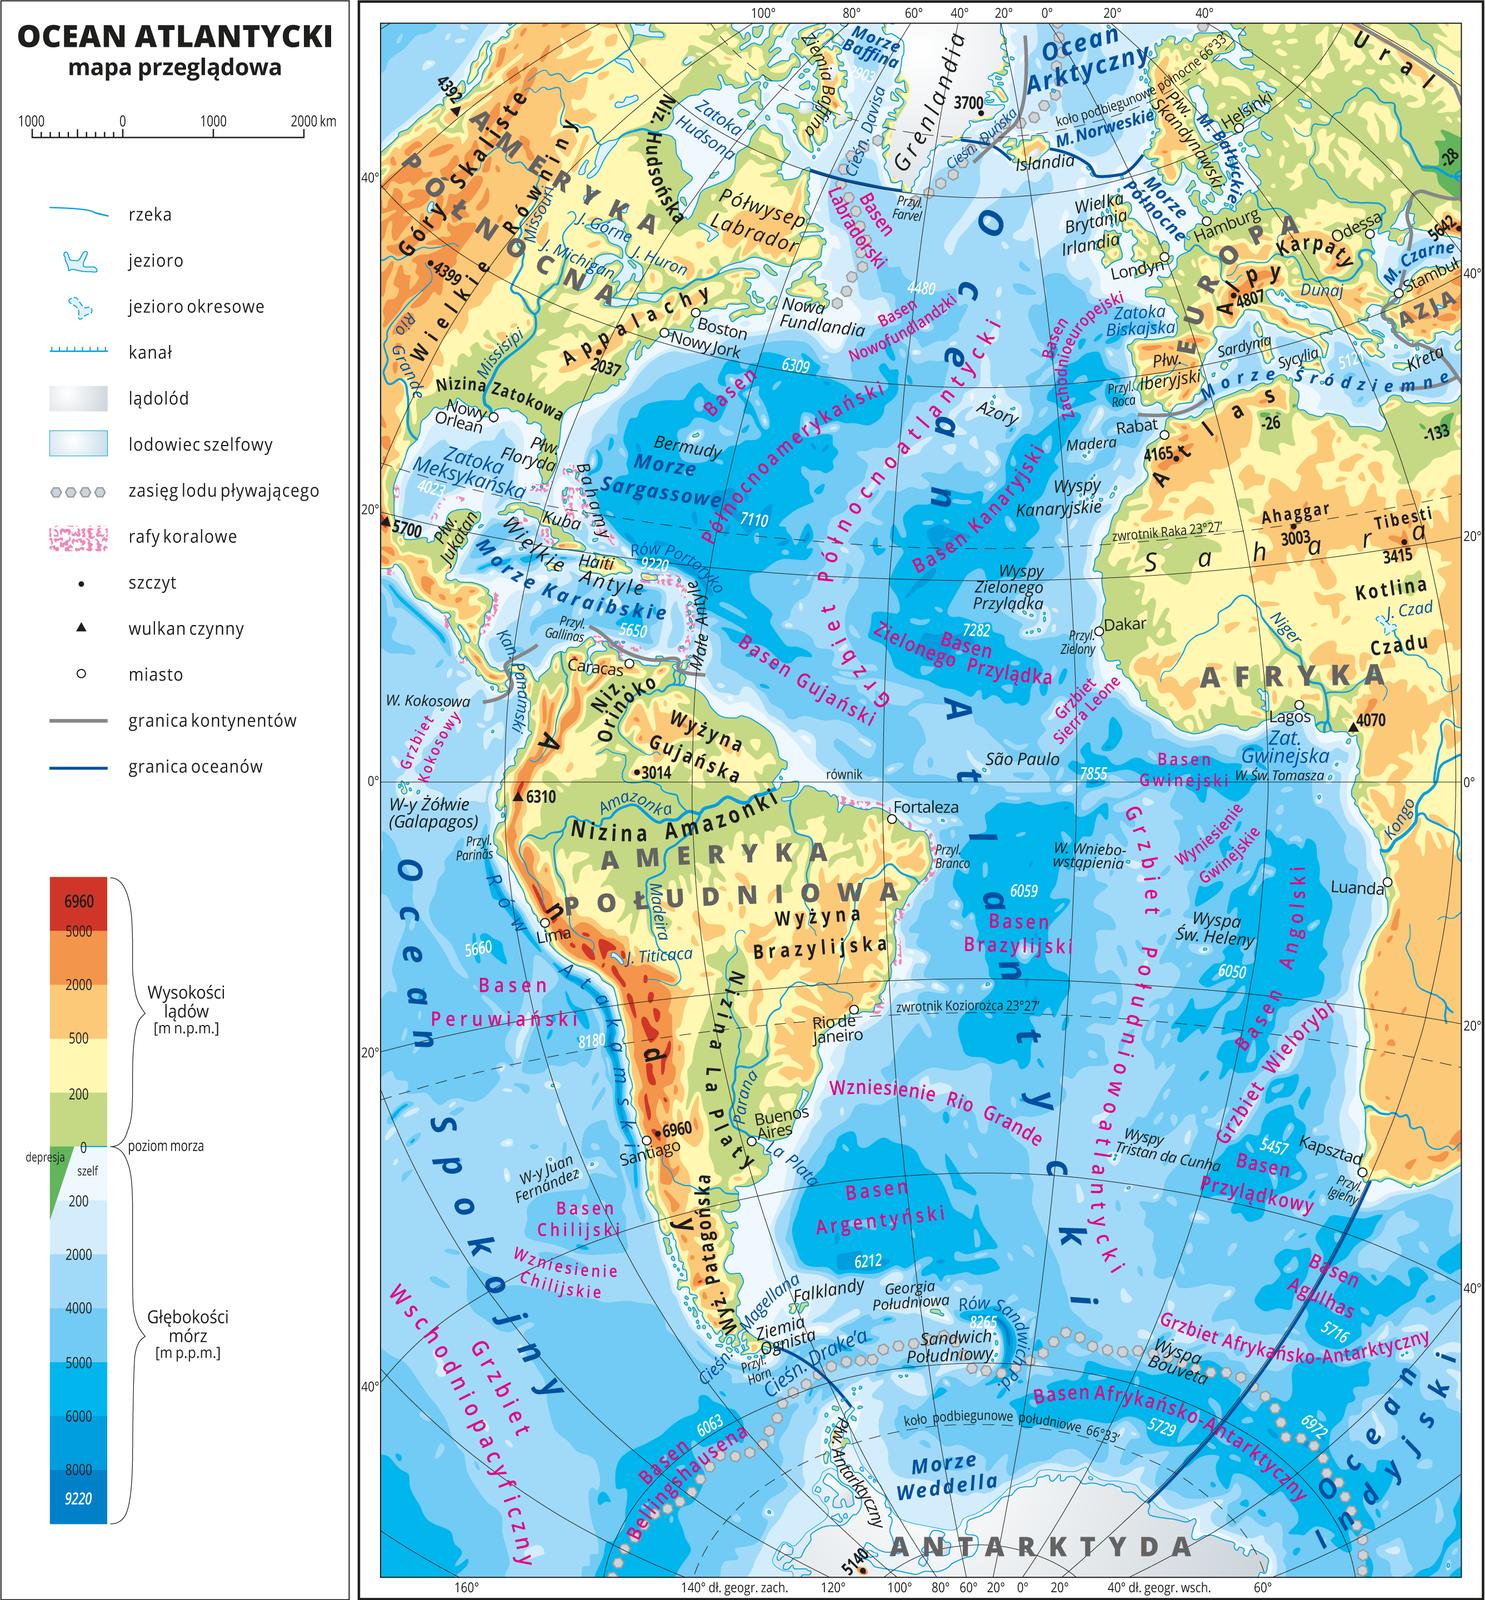 Ilustracja przedstawia mapę przeglądową Oceanu Atlantyckiego. Wobrębie lądów występują obszary wkolorze zielonym, żółtym, pomarańczowym iczerwonym. Morza zaznaczono sześcioma odcieniami koloru niebieskiego iopisano głębokości. Ciemniejszy kolor oznacza większą głębokość. Wobrębie wód przeprowadzono granice między oceanami. Na mapie opisano nazwy kontynentów, wysp, głównych pasm górskich, morza izatoki. Oznaczono iopisano największe miasta. Mapa pokryta jest równoleżnikami ipołudnikami. Dookoła mapy wbiałej ramce opisano współrzędne geograficzne co dwadzieścia stopni. Wlegendzie umieszczono iopisano znaki użyte na mapie.